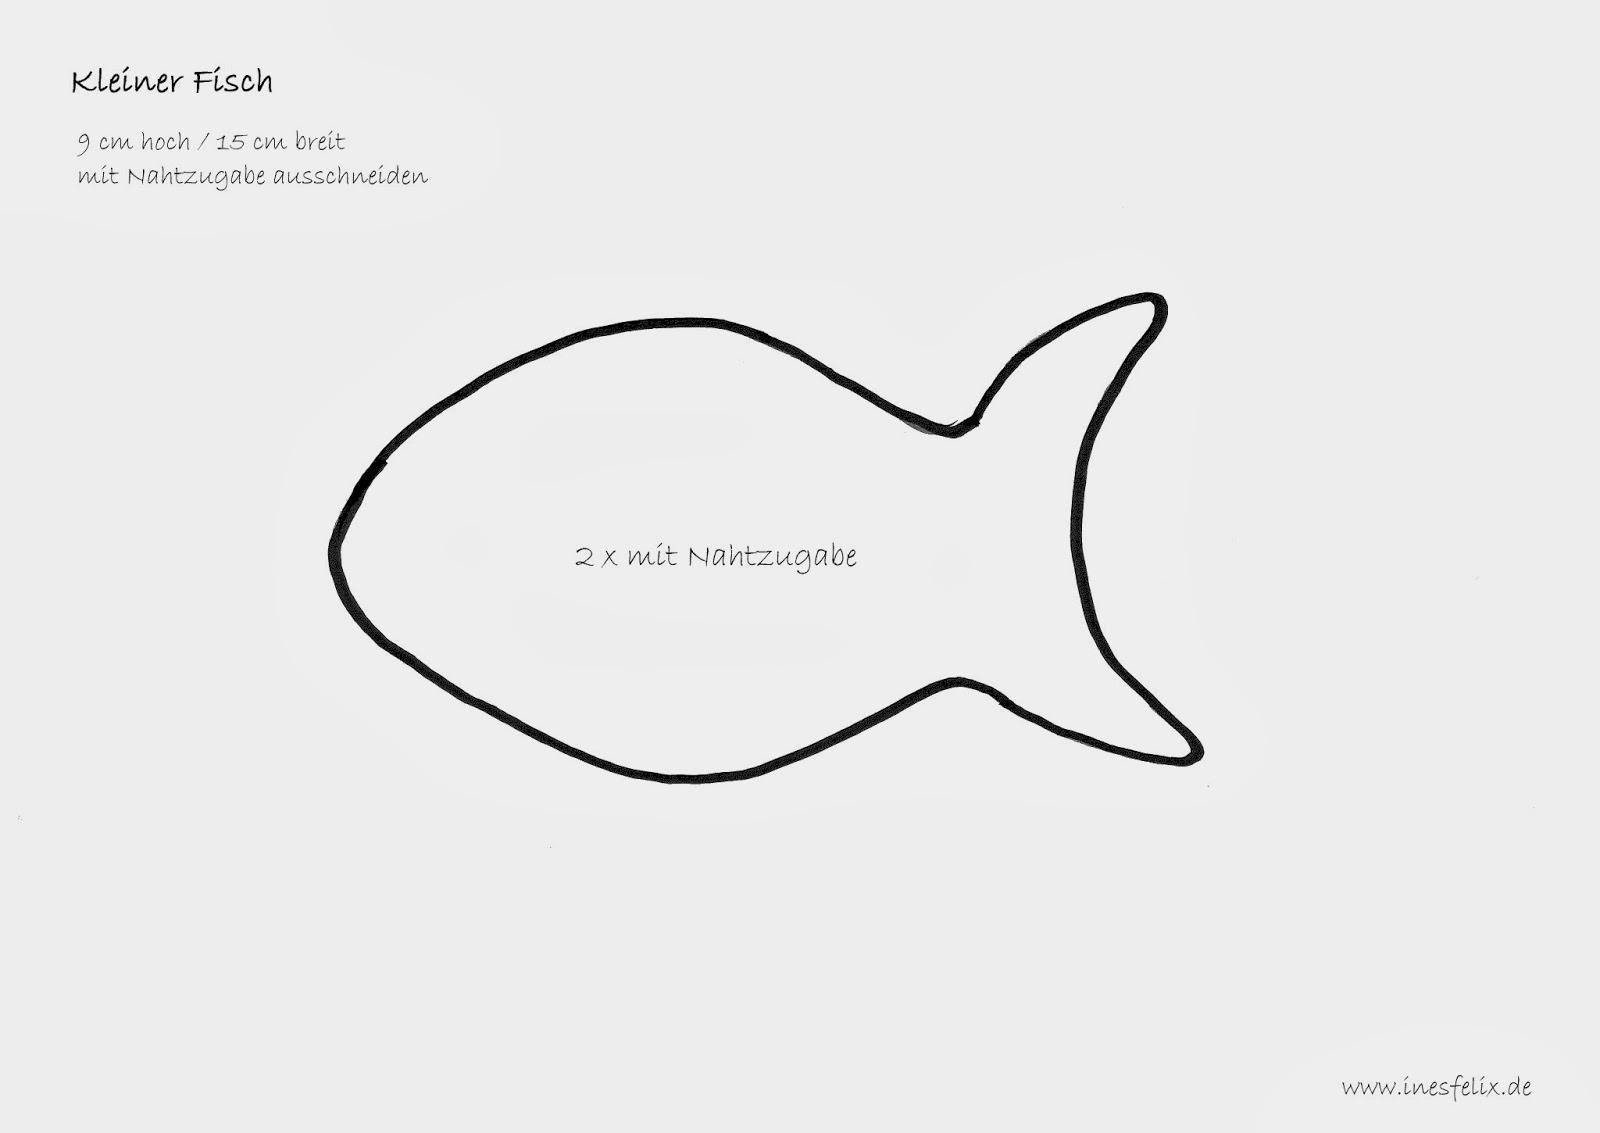 Gemütlich Fisch Druckbare Vorlage Ideen - Entry Level Resume ...